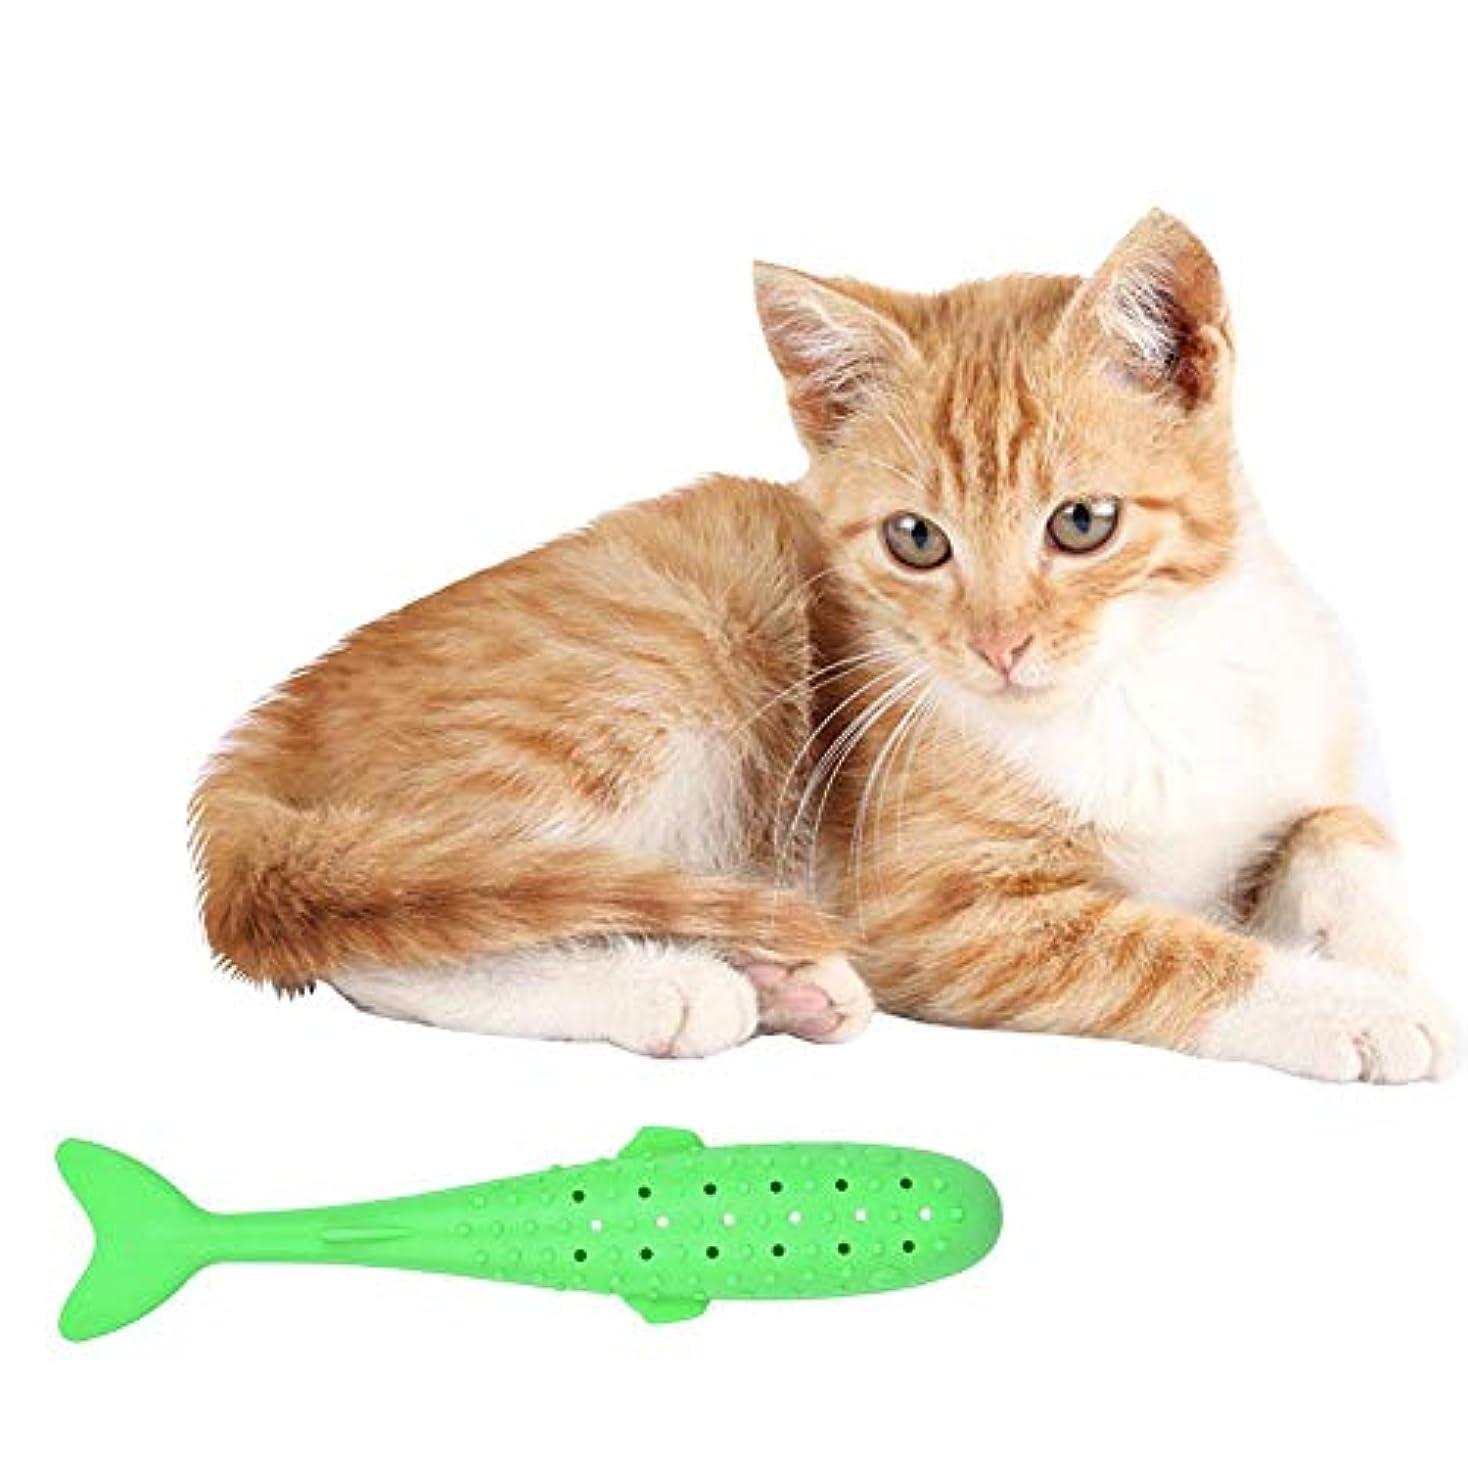 明るいオーラル物思いにふけるhipoten インタラクティブな魚の形の歯ブラシキャットニップシミュレーションシリコーン歯のクリーニングチューおもちゃペット用品